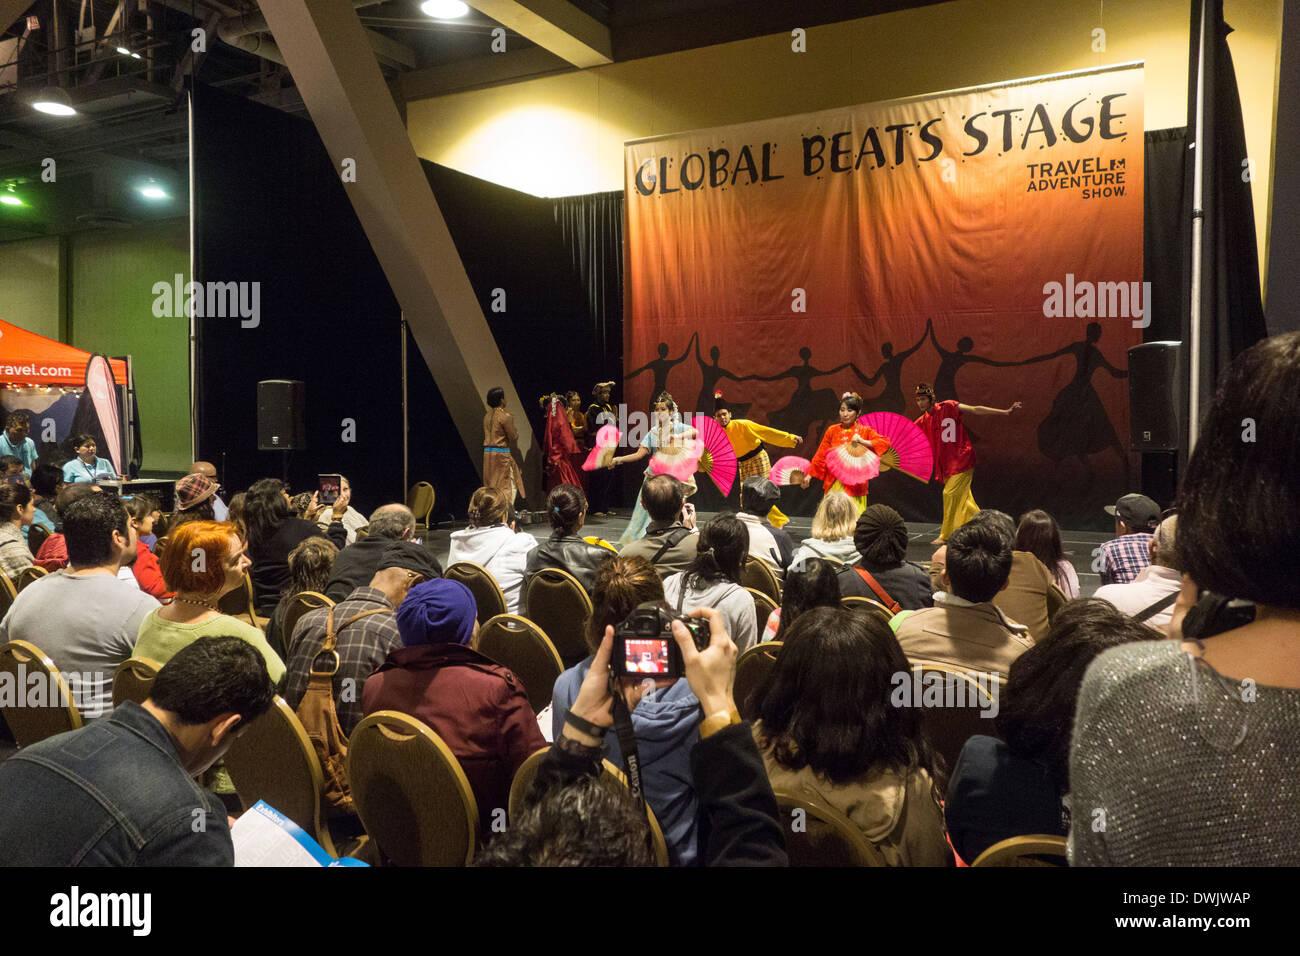 Spectacle de danse par des danseurs en costume traditionnel asiatique à un Salon du tourisme à Los Angeles California United States Photo Stock